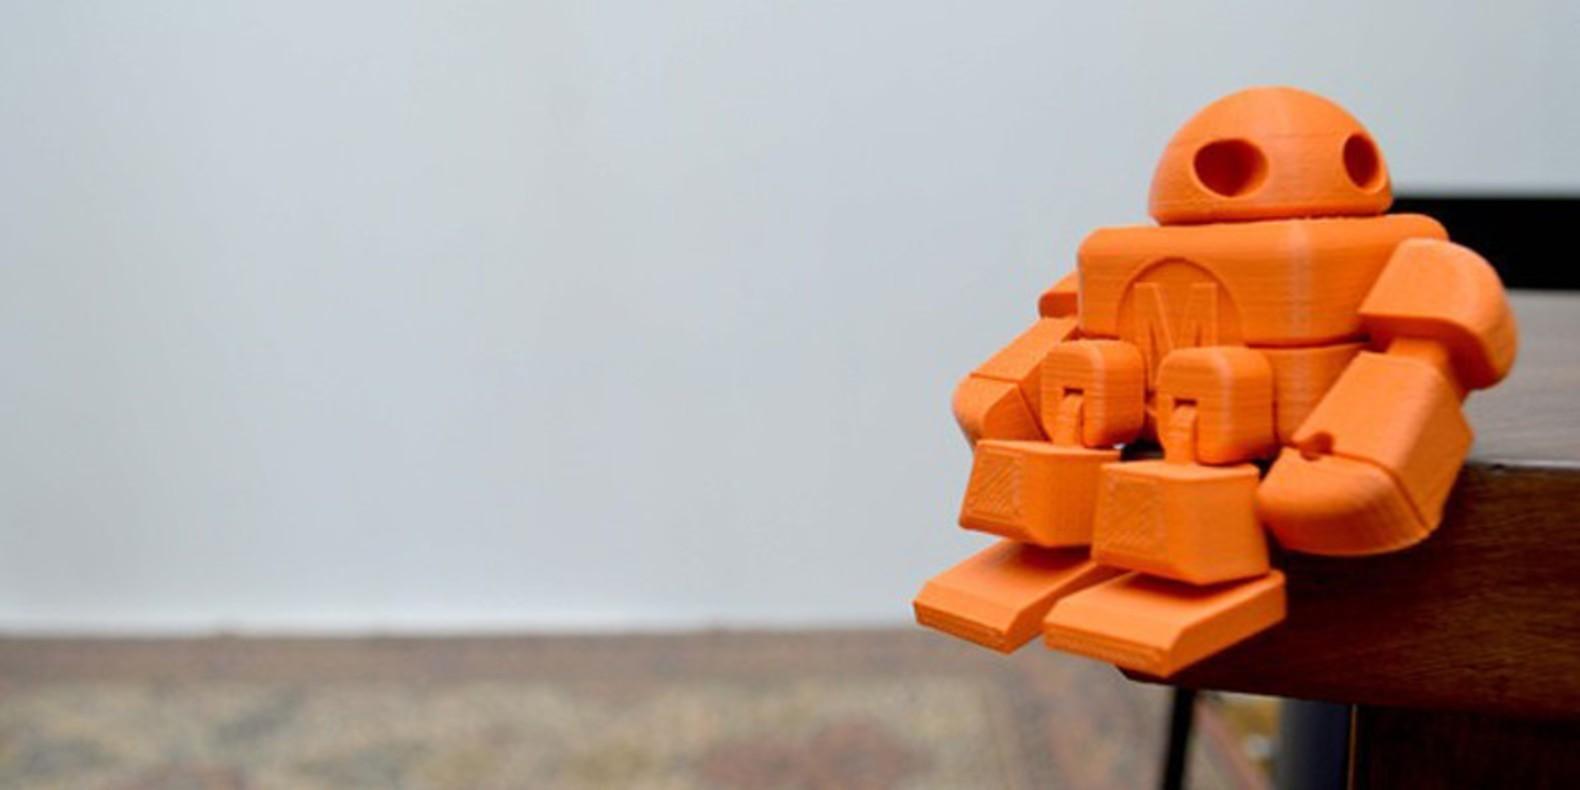 He aquí una selección de los mejores archivos 3D para imprimir en 3D todos los robóticos